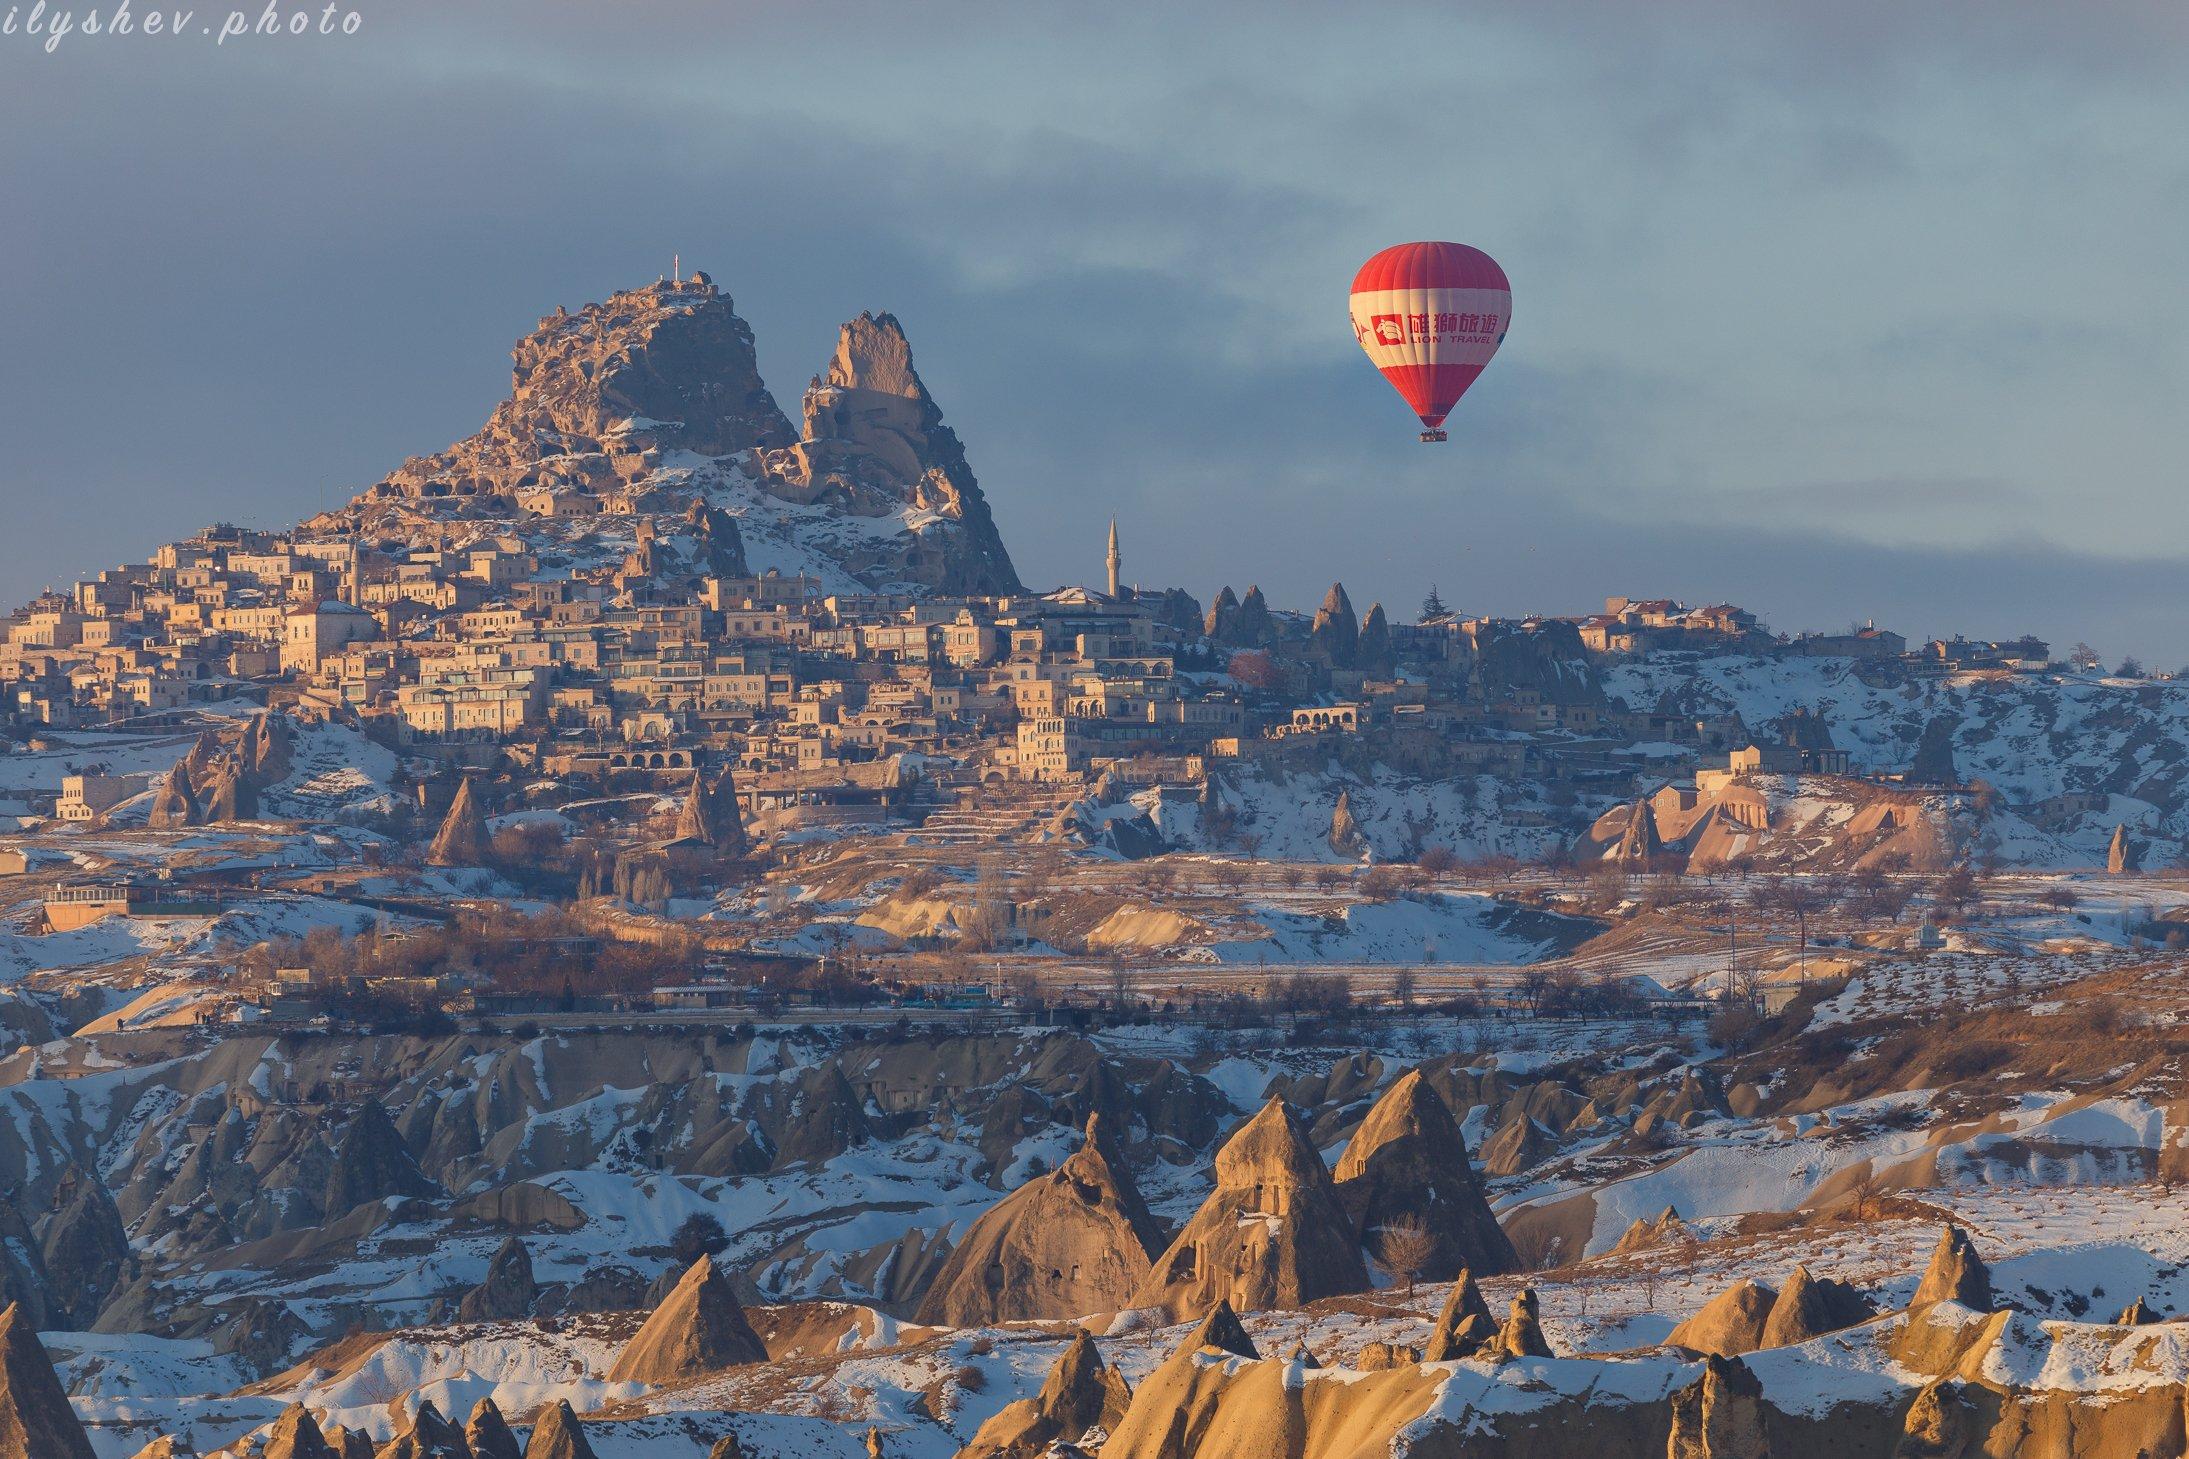 каппадокия, турция, путешествие, воздушные шары, зима, пейзаж, утро, Дмитрий Илышев (ilyshev.photo)